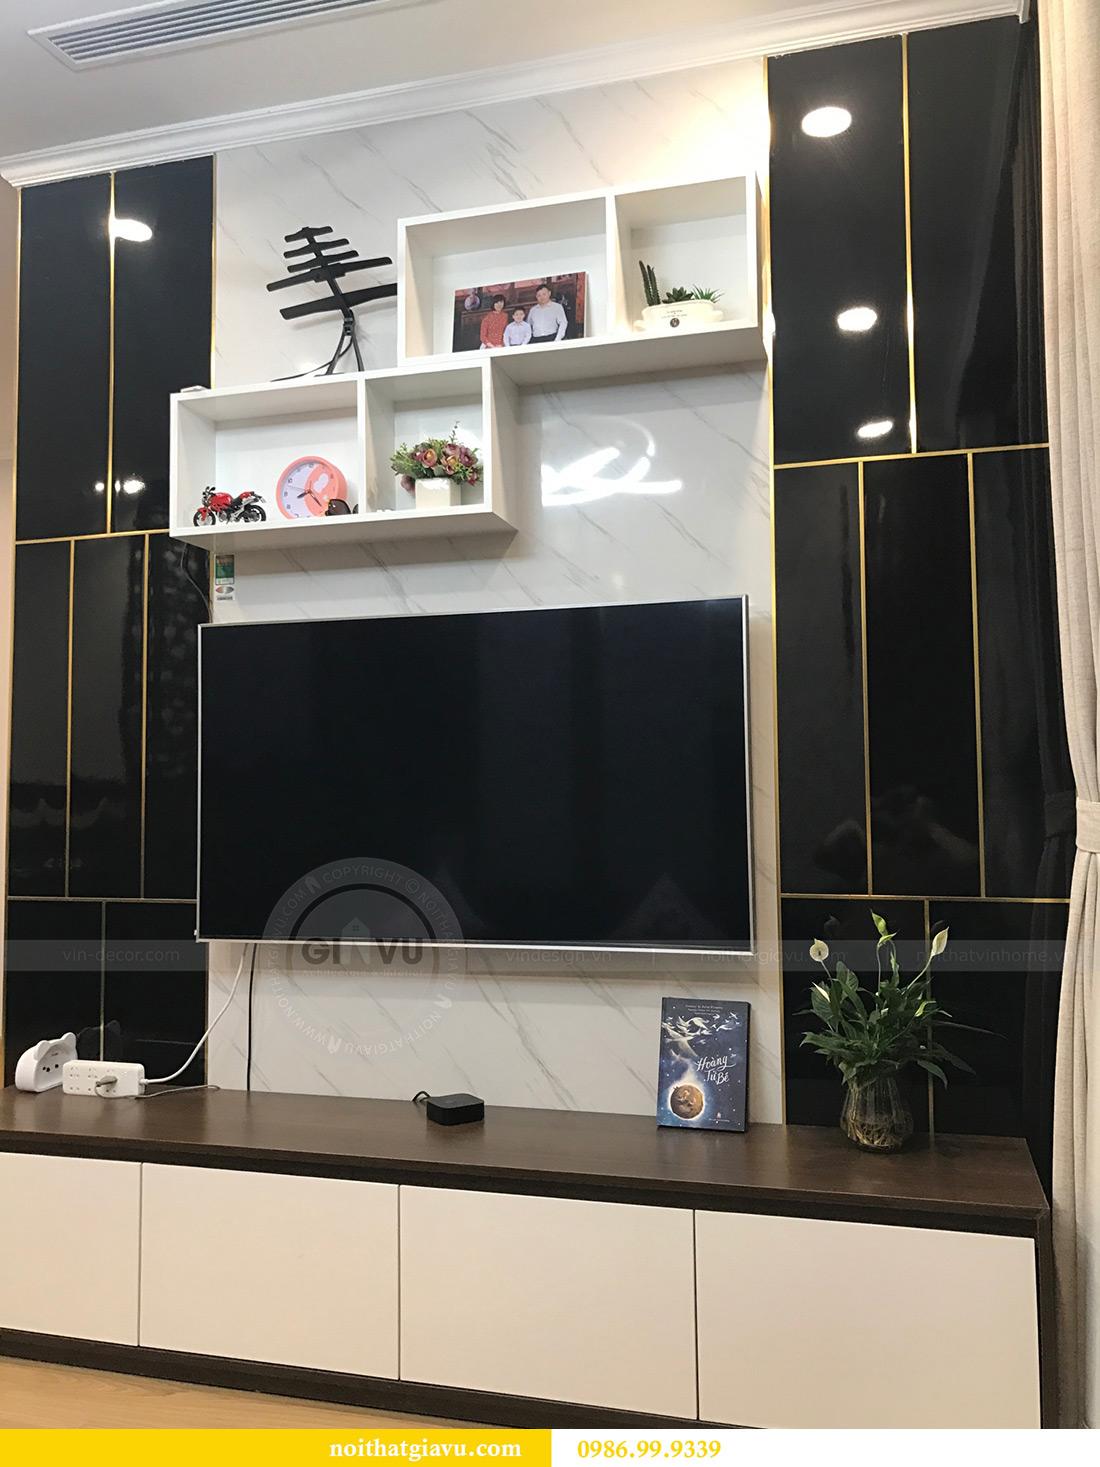 Hoàn thiện nội thất chung cư Gardenia tòa A1 căn 03 - Anh Luân 3